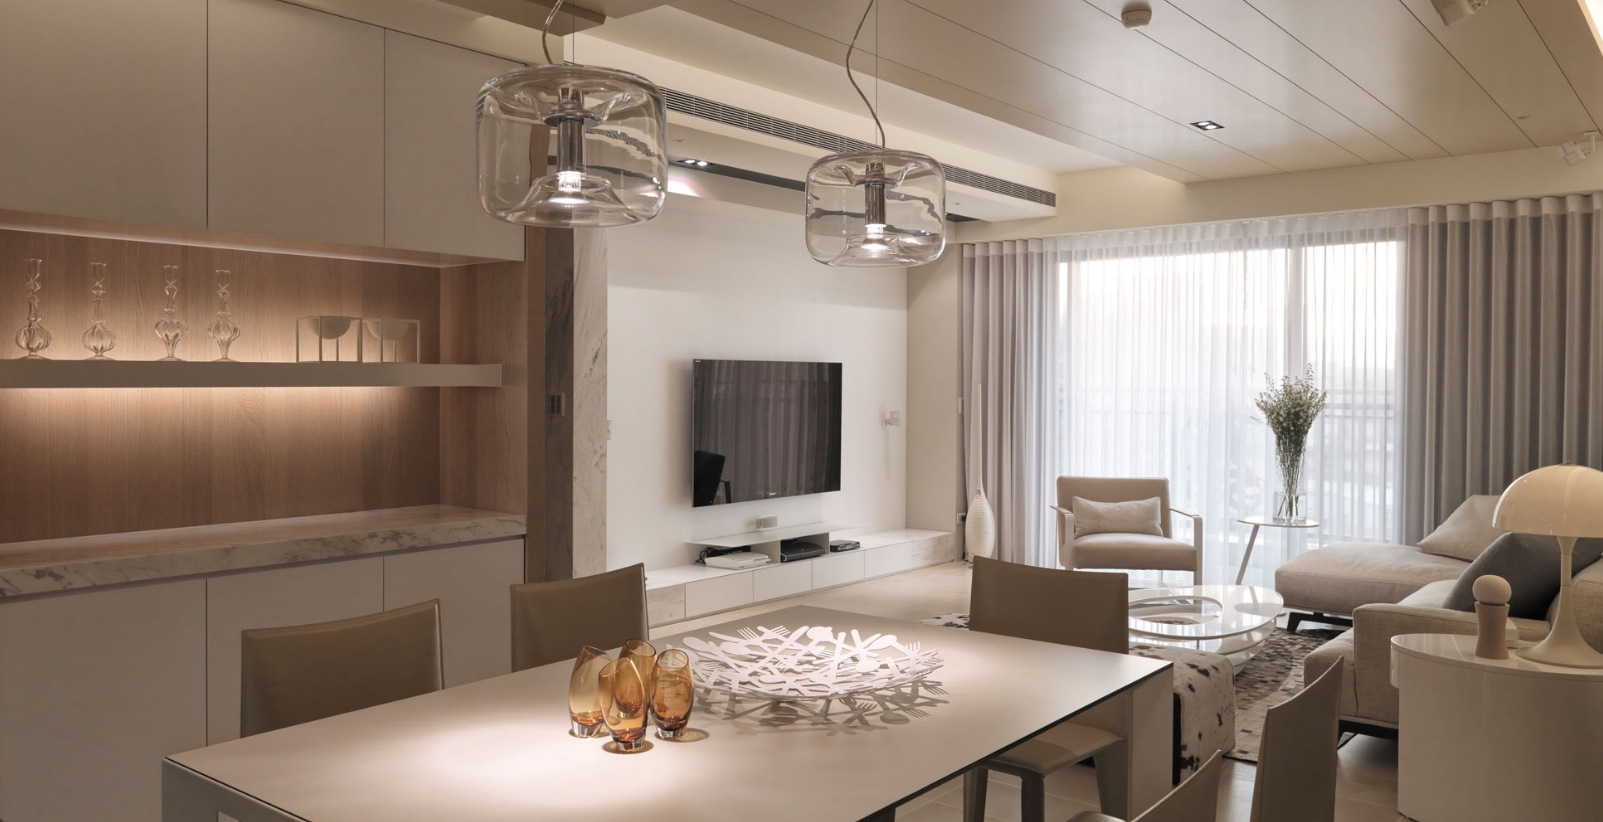 Mini appartamenti 5 soluzioni sorprendenti dai 40 ai 50 for Design interni famosi